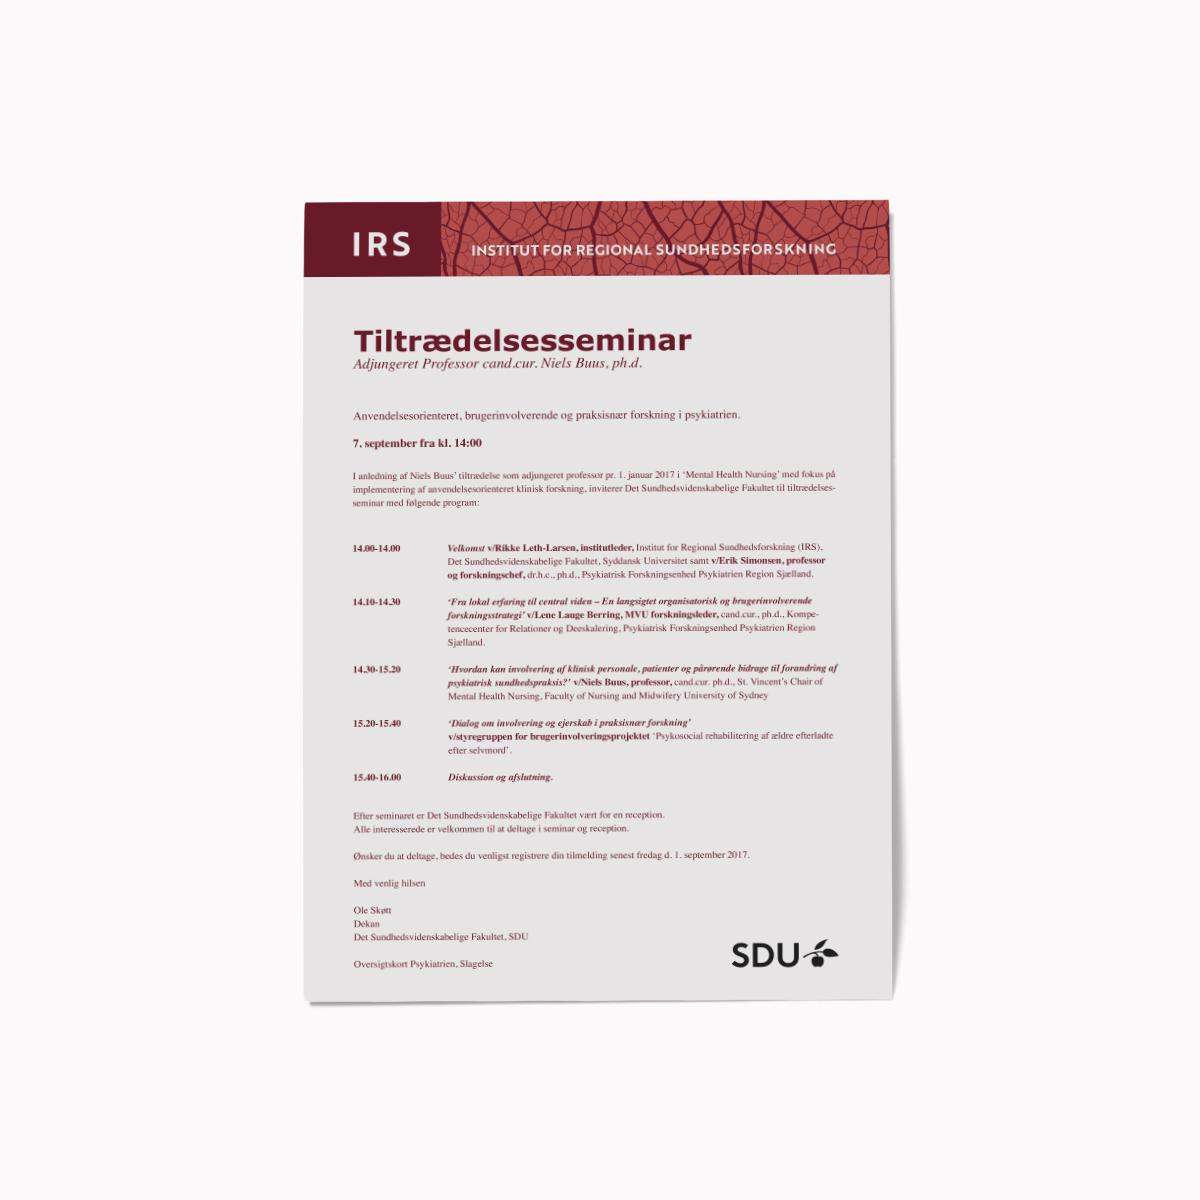 Institut-for-Regional-Sundhedsforskning-dokument